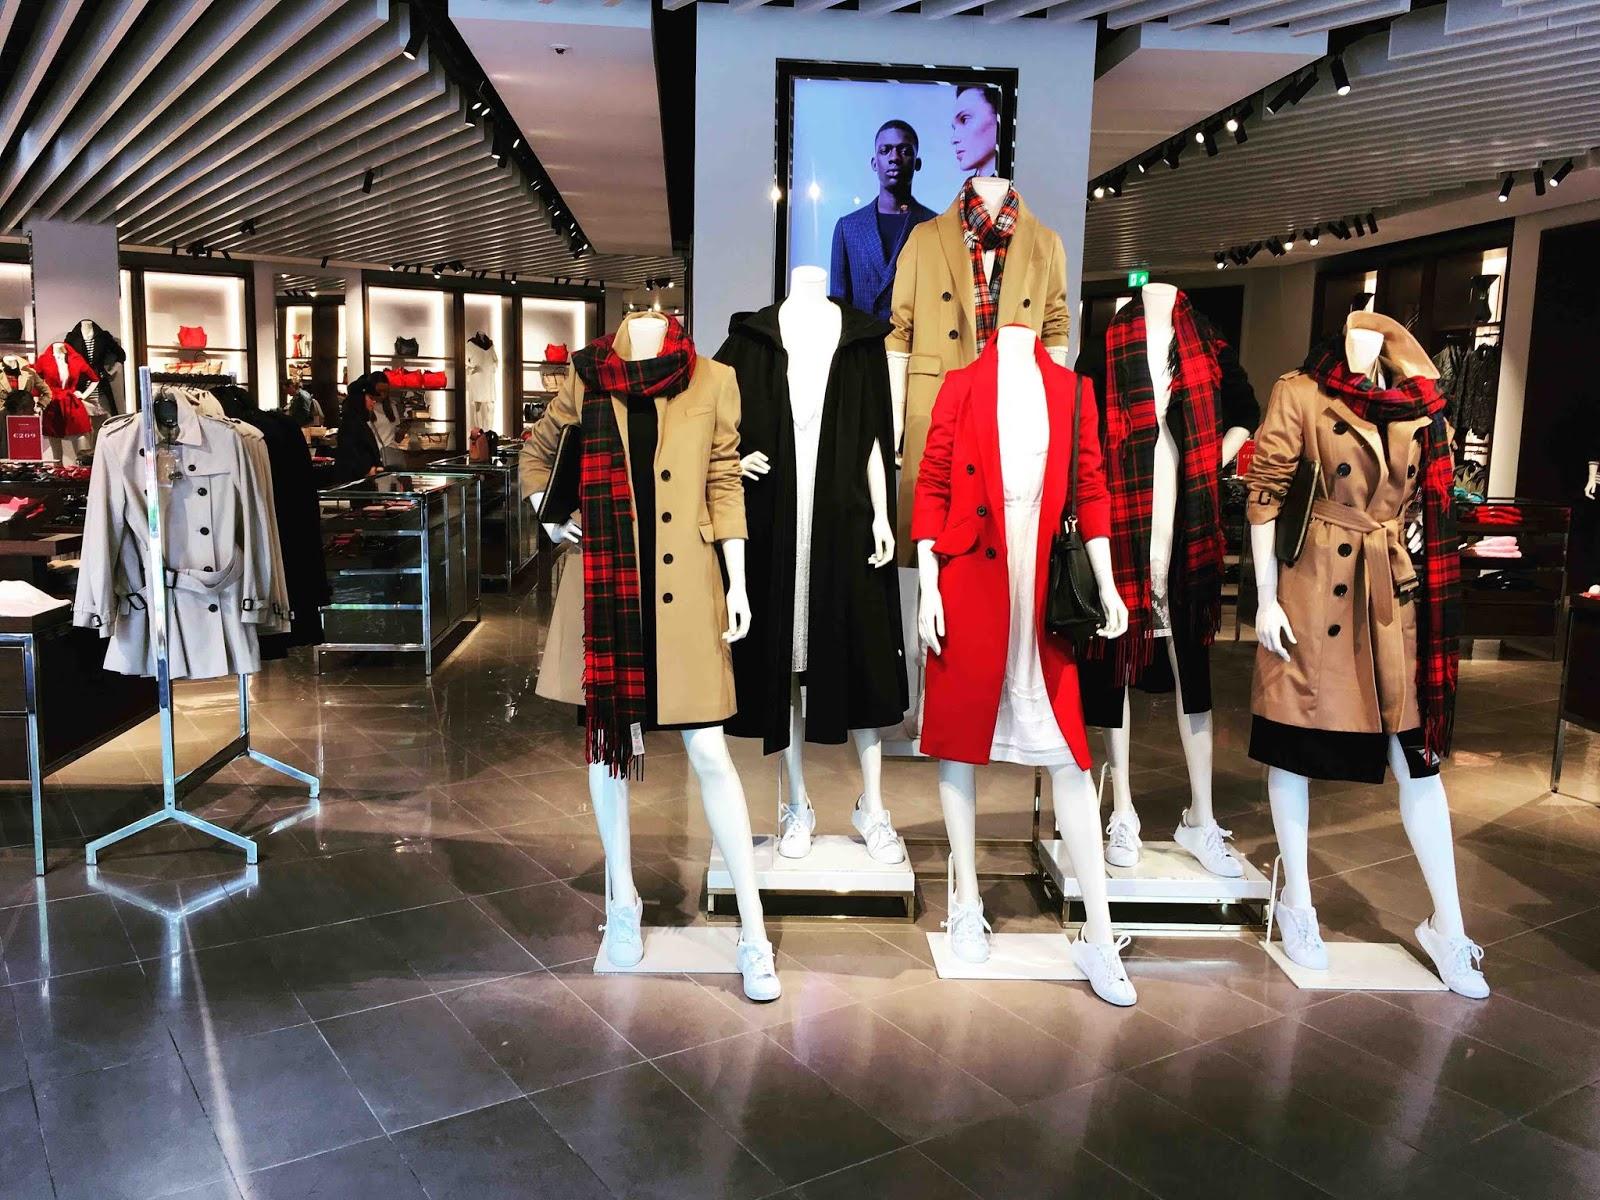 92251b0a646ecf Update Roermond - Store Check 2018 im Designer Outlet - CityLights Bonn